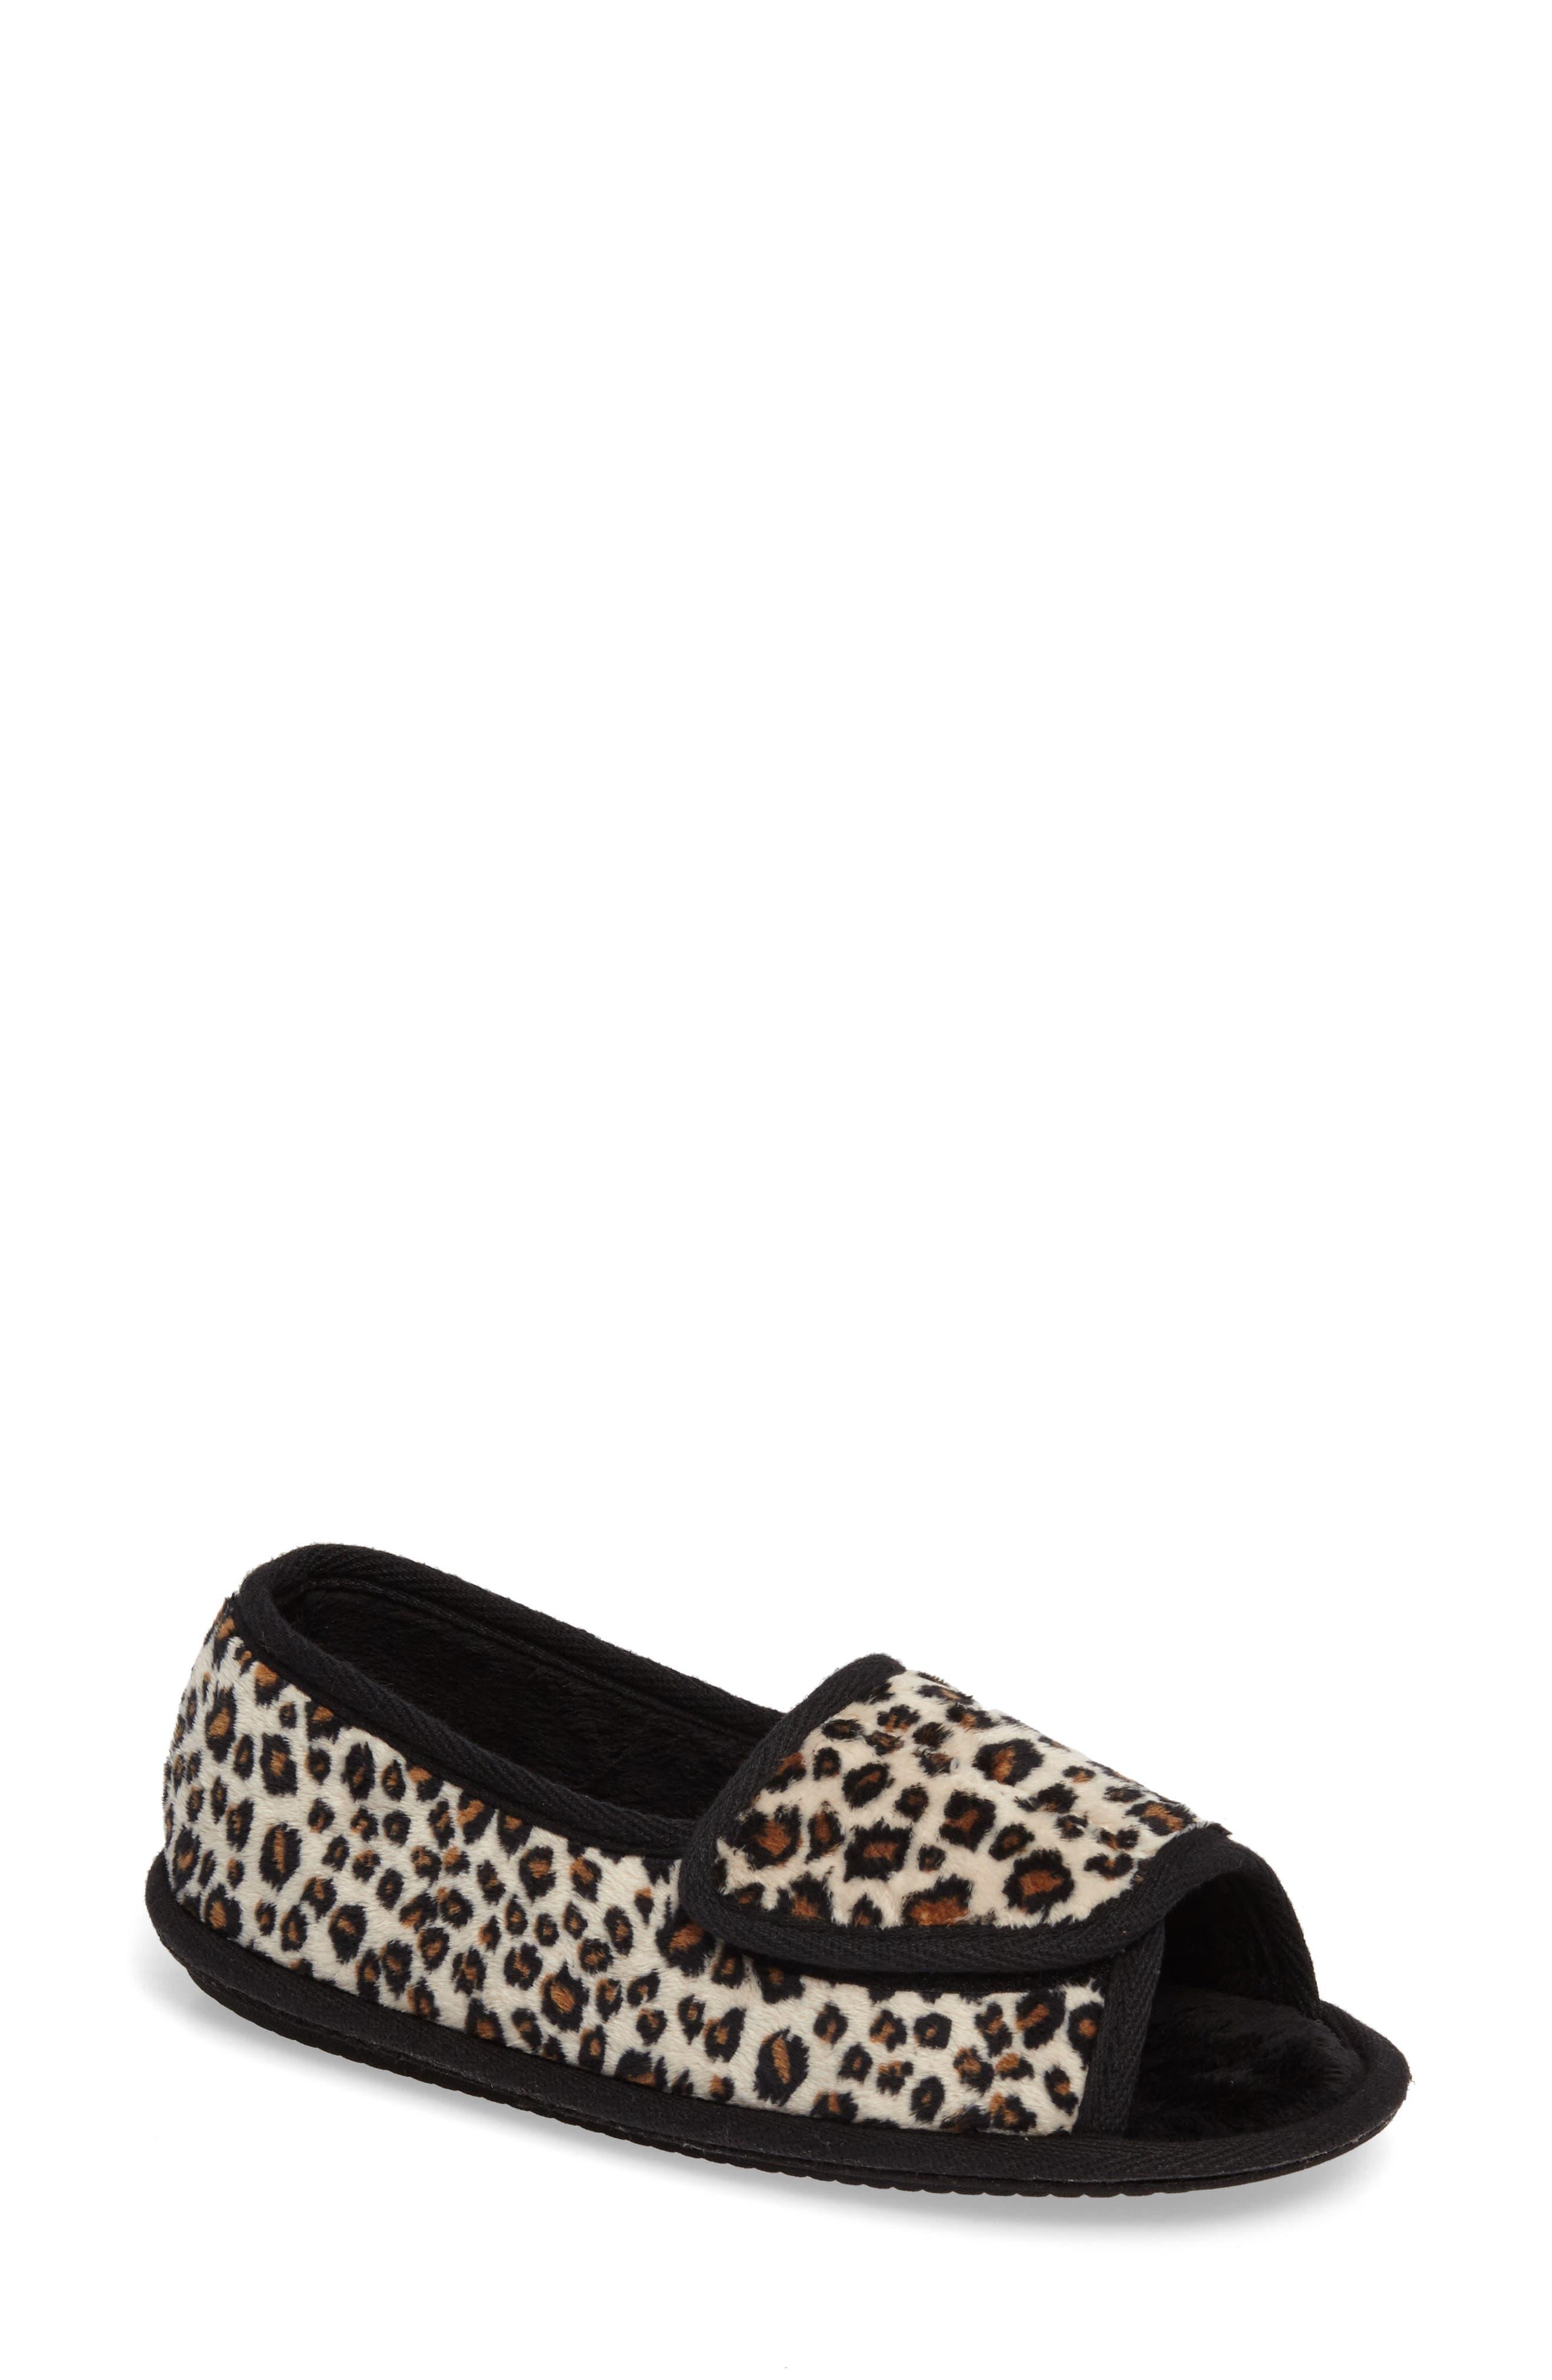 Tara II Slipper,                         Main,                         color, Cheetah Fabric